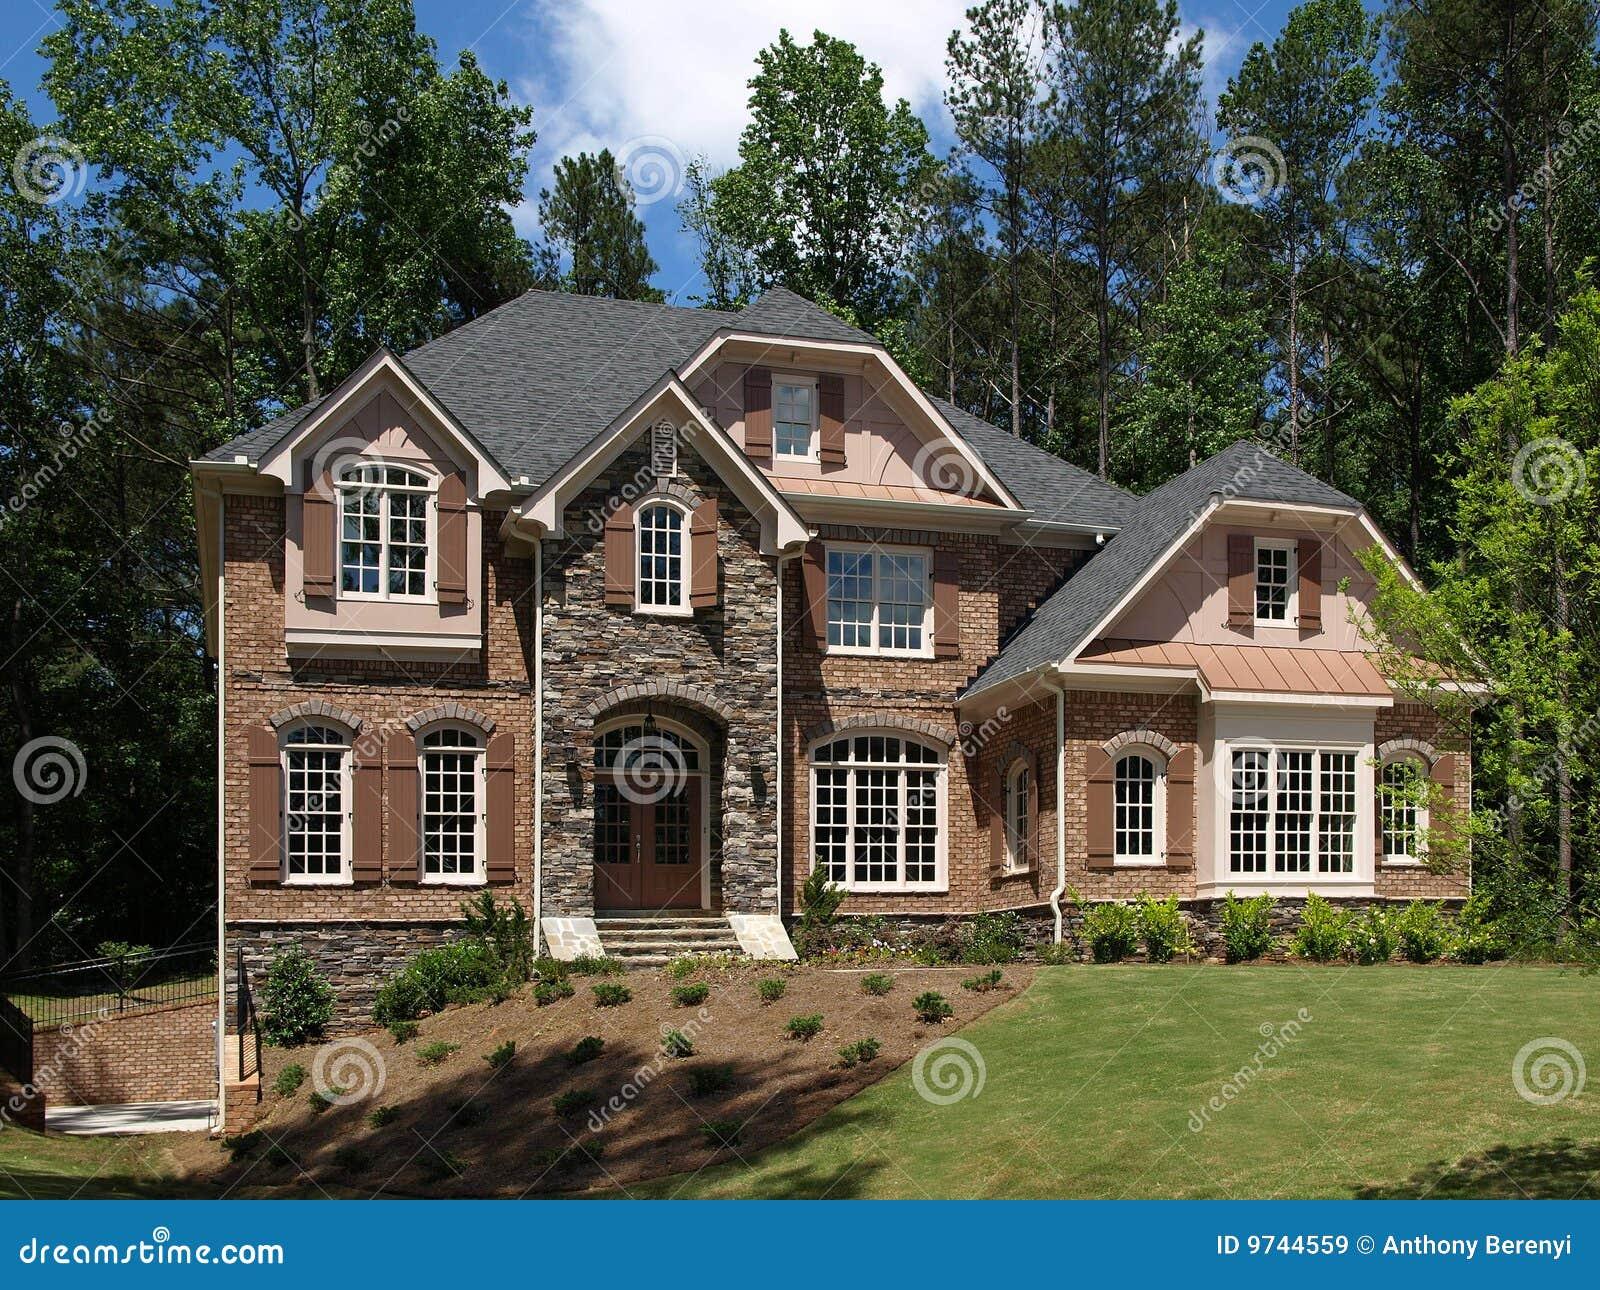 Vue de face ext rieure de maison de luxe mod le images libres de droits image 9744559 for Modele de maison de luxe